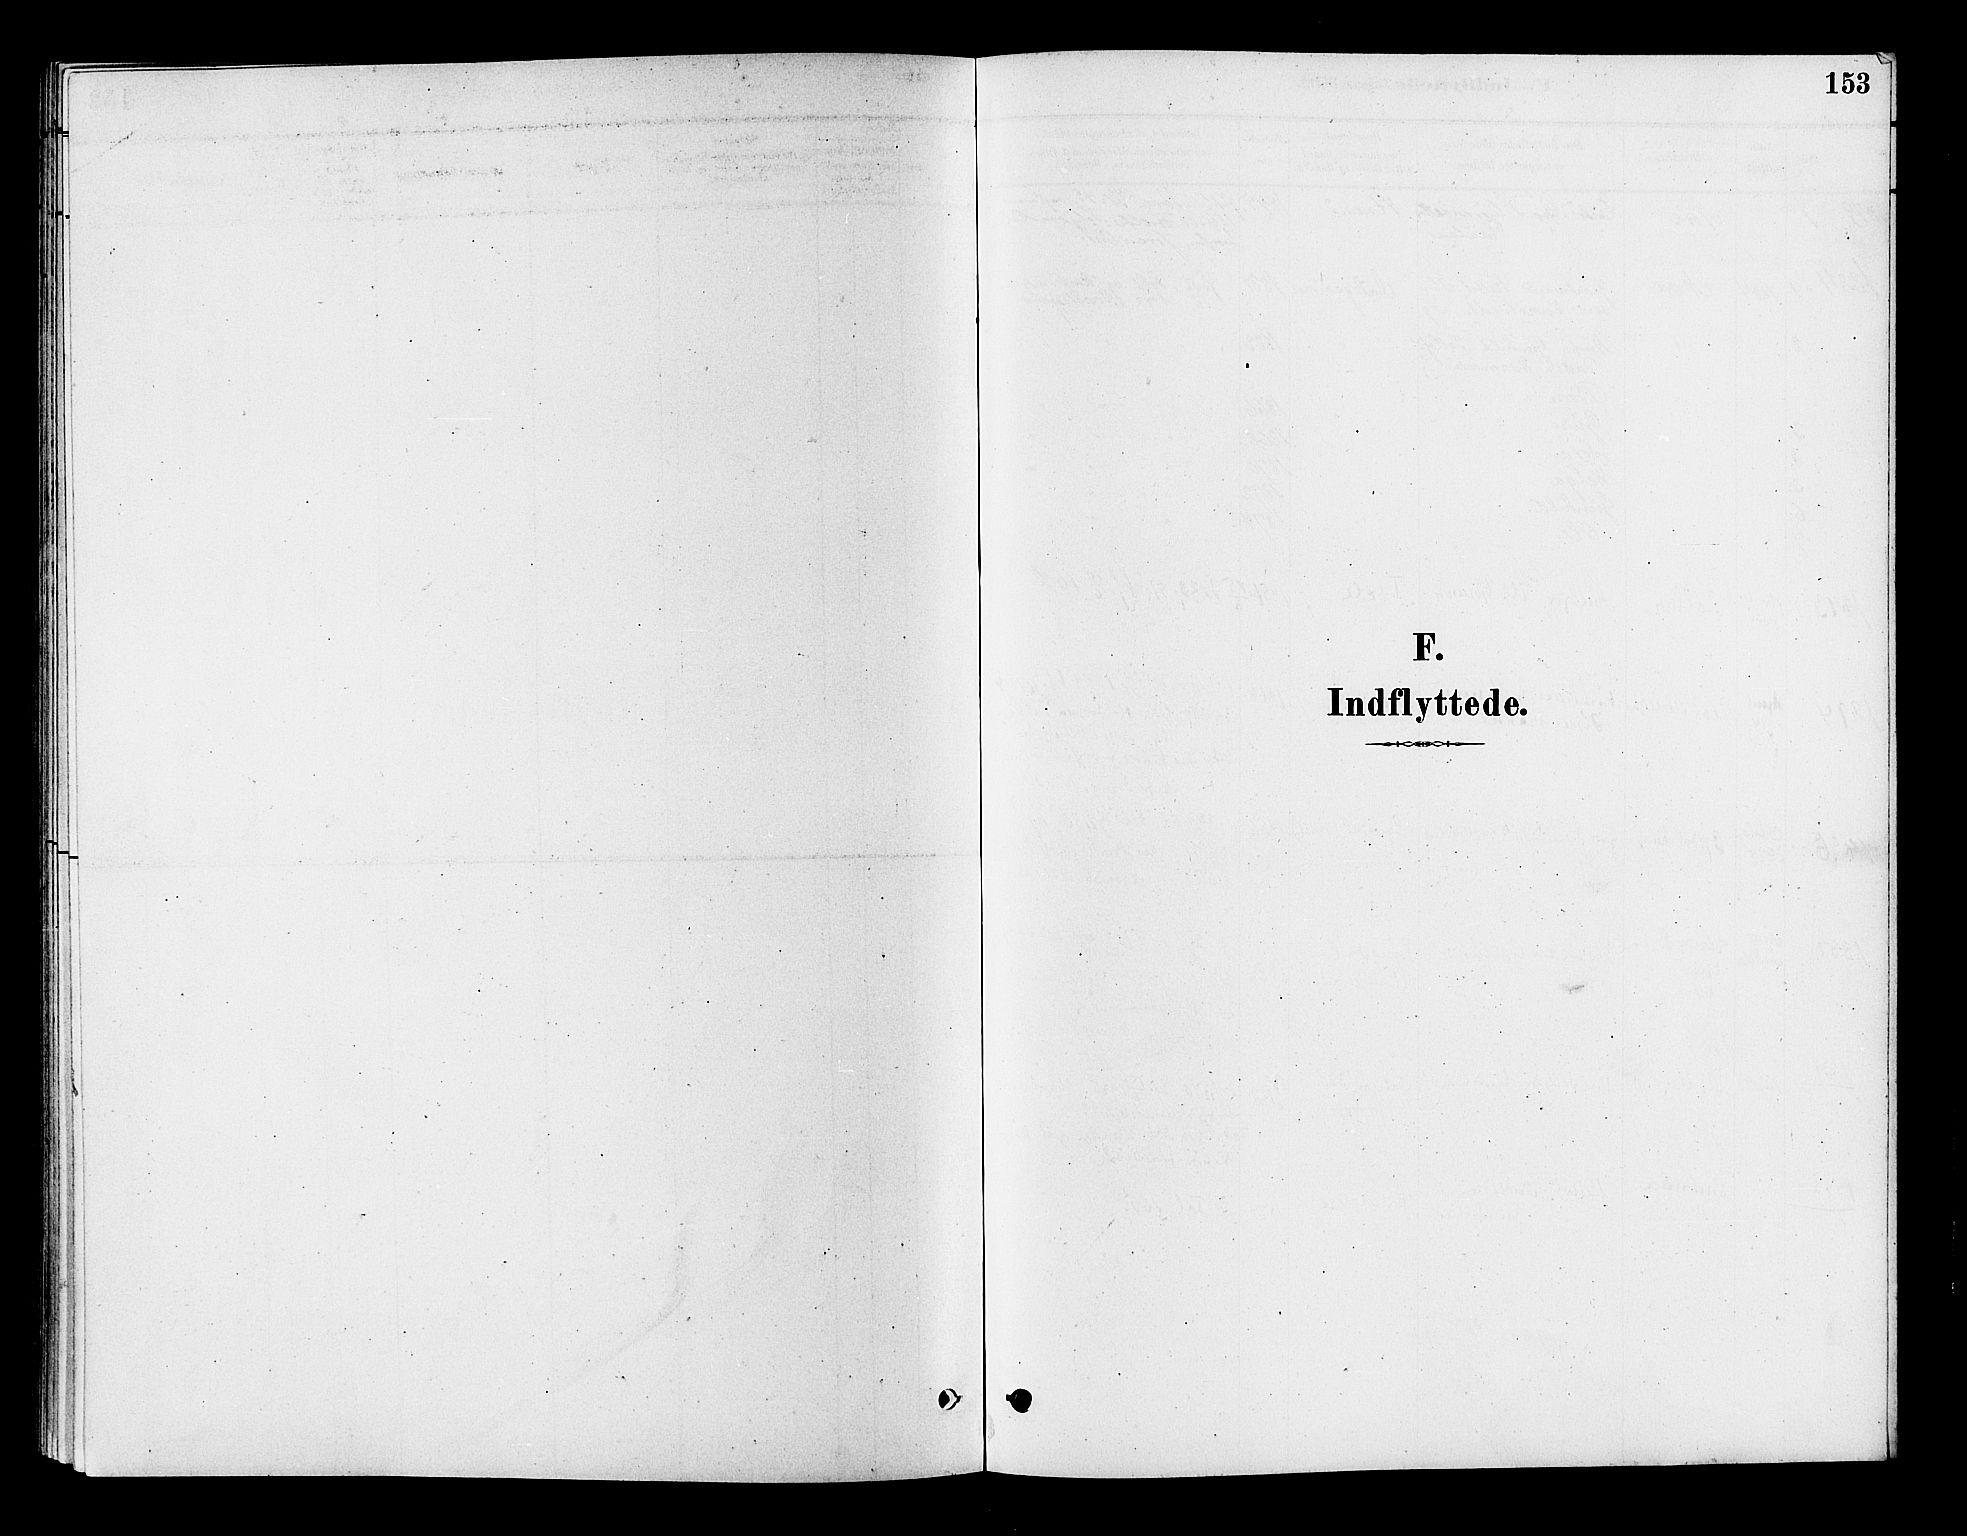 SAKO, Flesberg kirkebøker, F/Fc/L0001: Ministerialbok nr. III 1, 1879-1905, s. 153